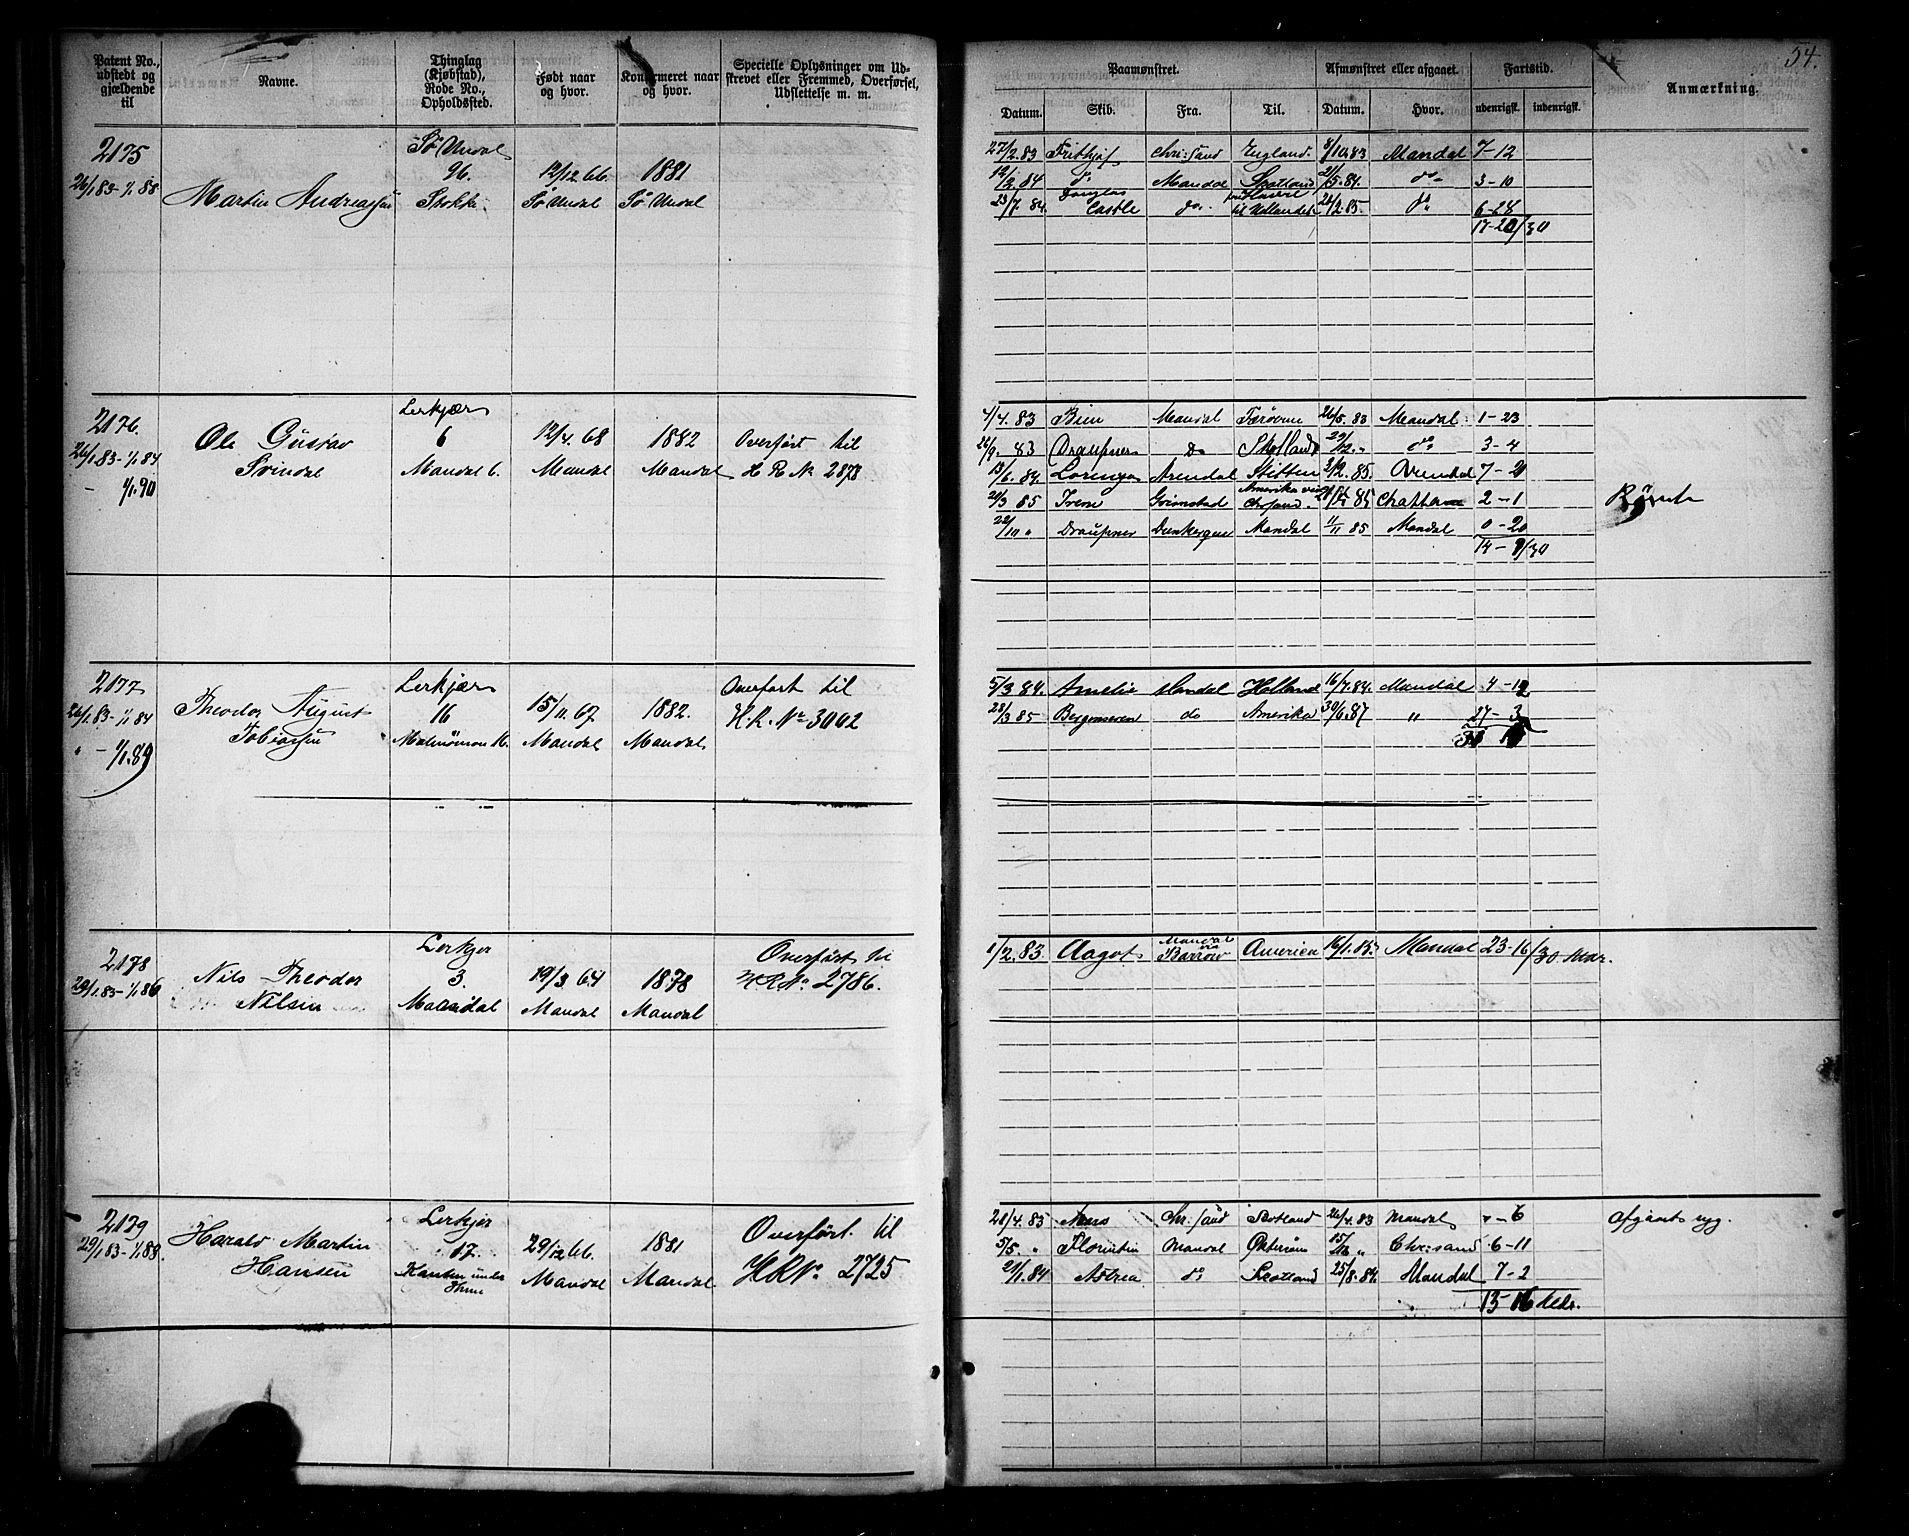 SAK, Mandal mønstringskrets, F/Fa/L0006: Annotasjonsrulle nr 1910-3819 med register, Y-16, 1881-1901, s. 83